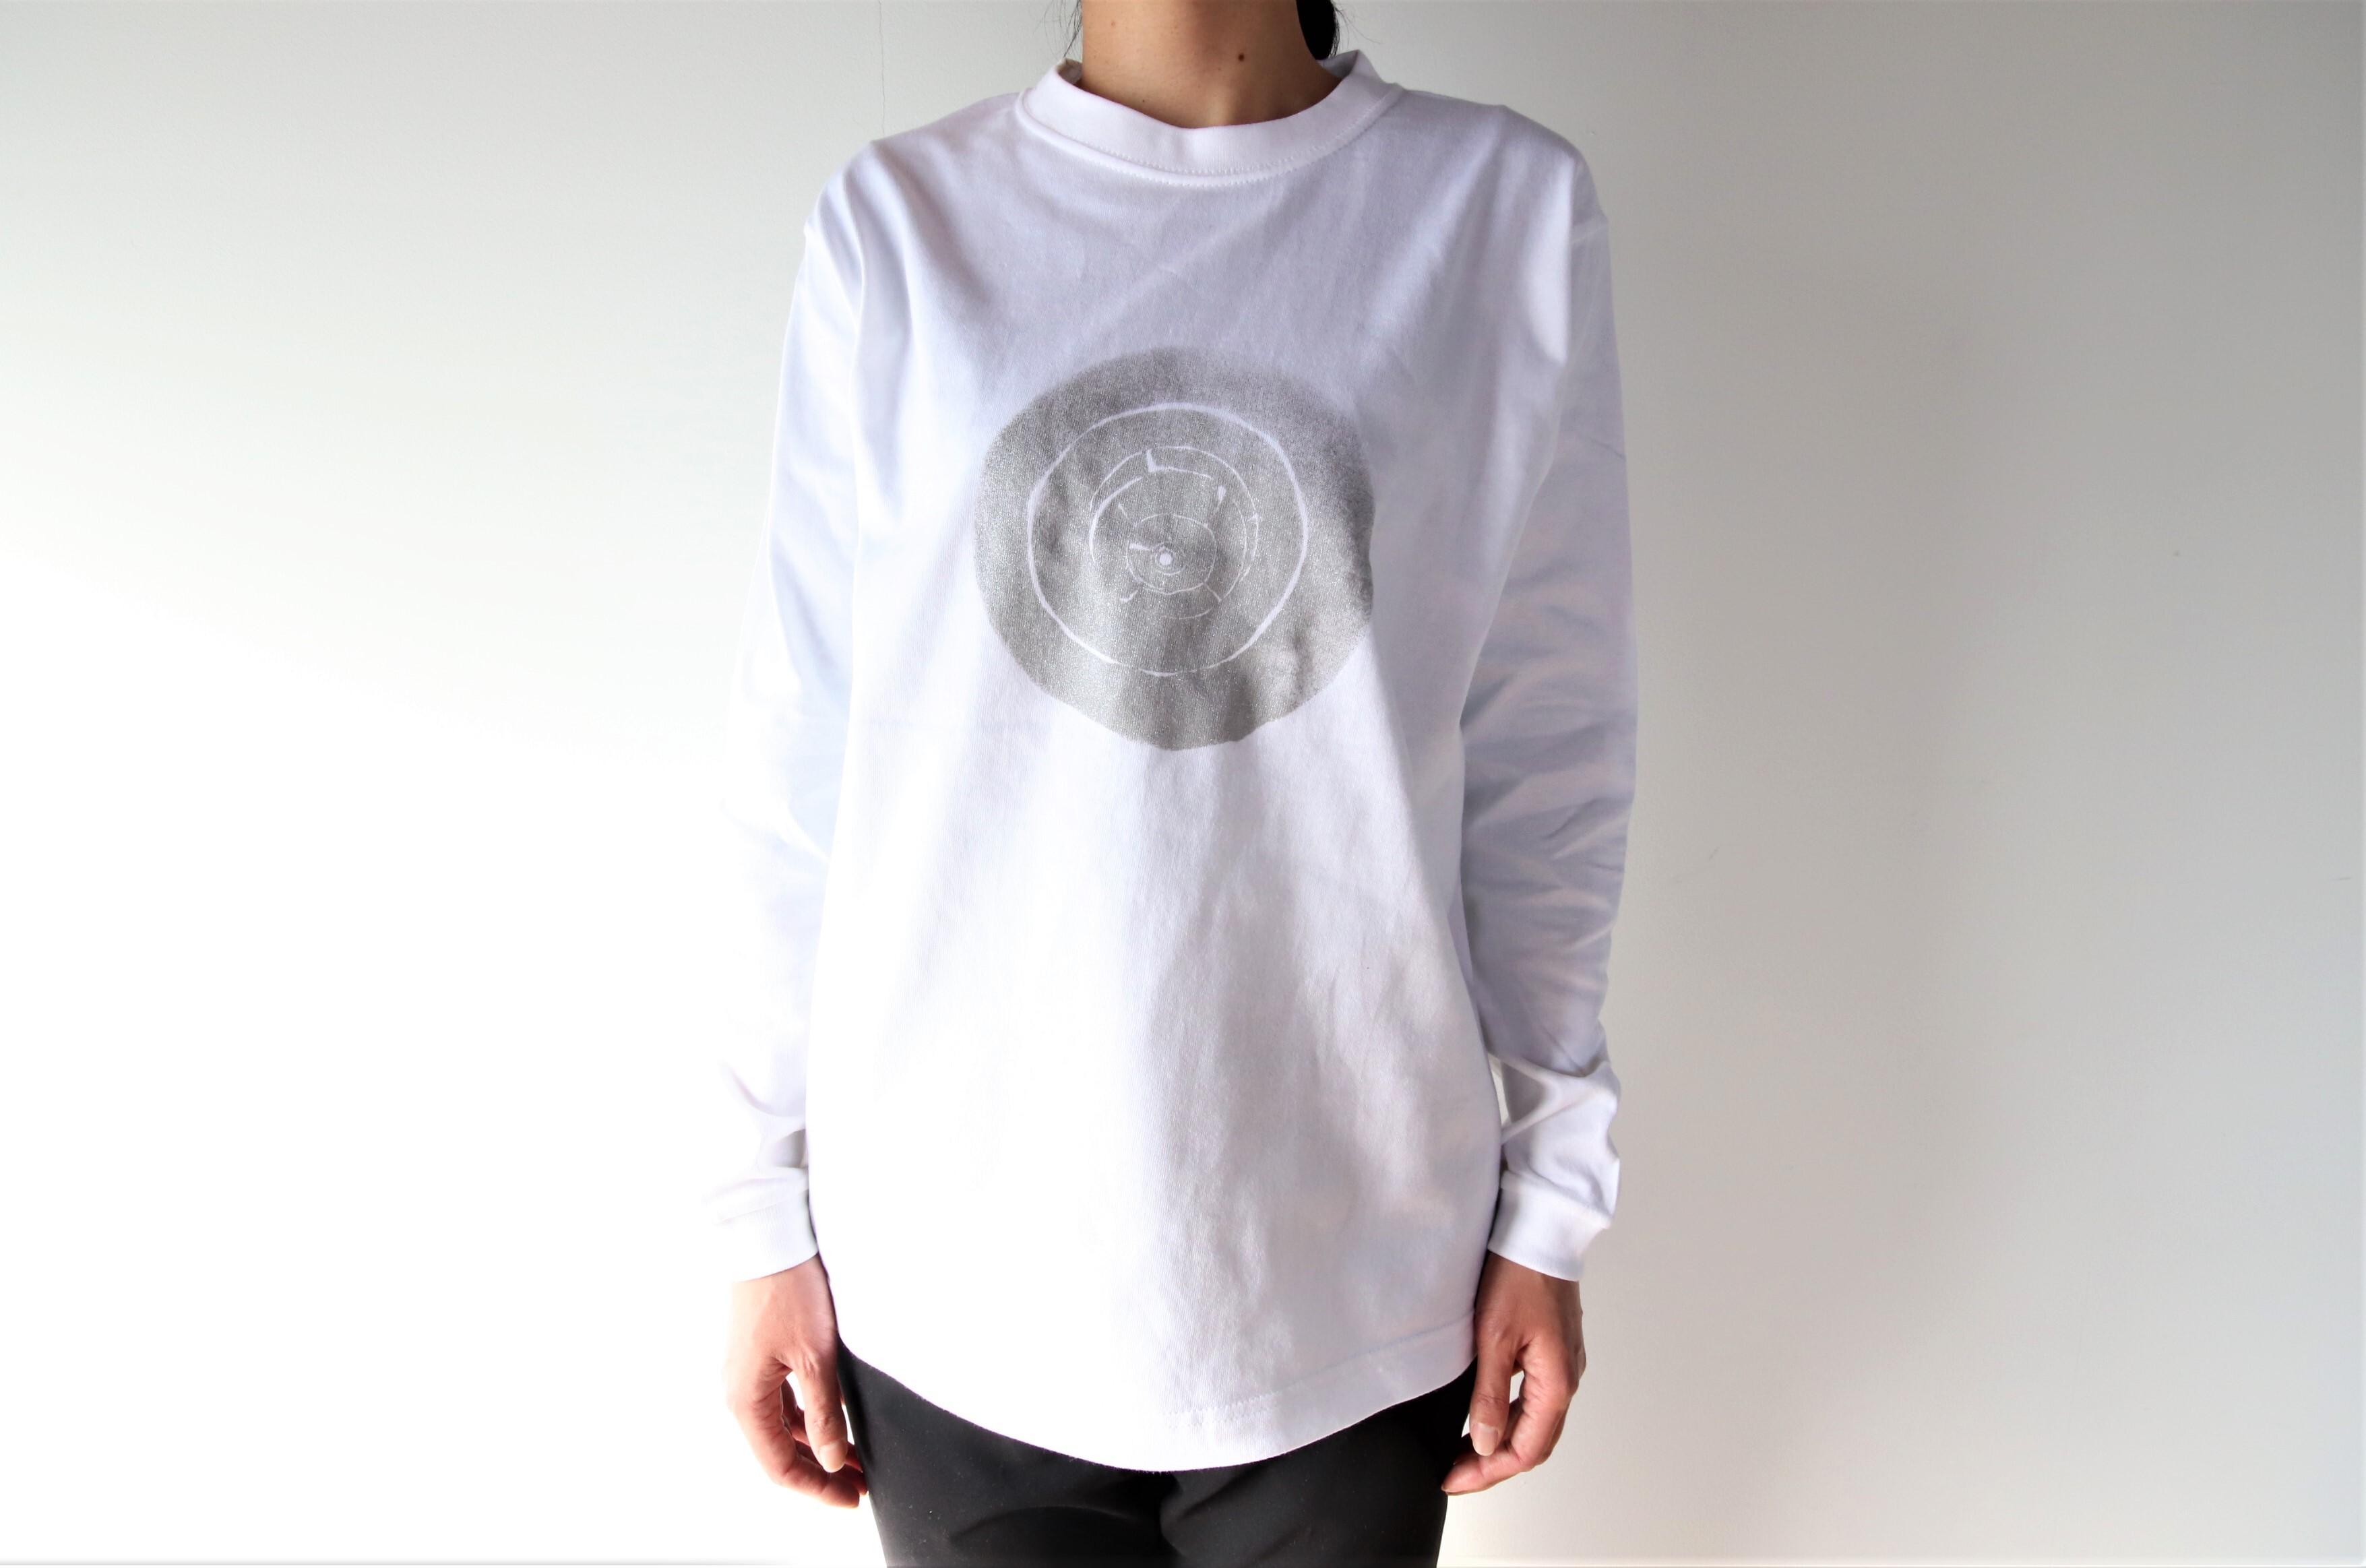 長袖Tシャツ(梅田哲也イン別府)丸井戸